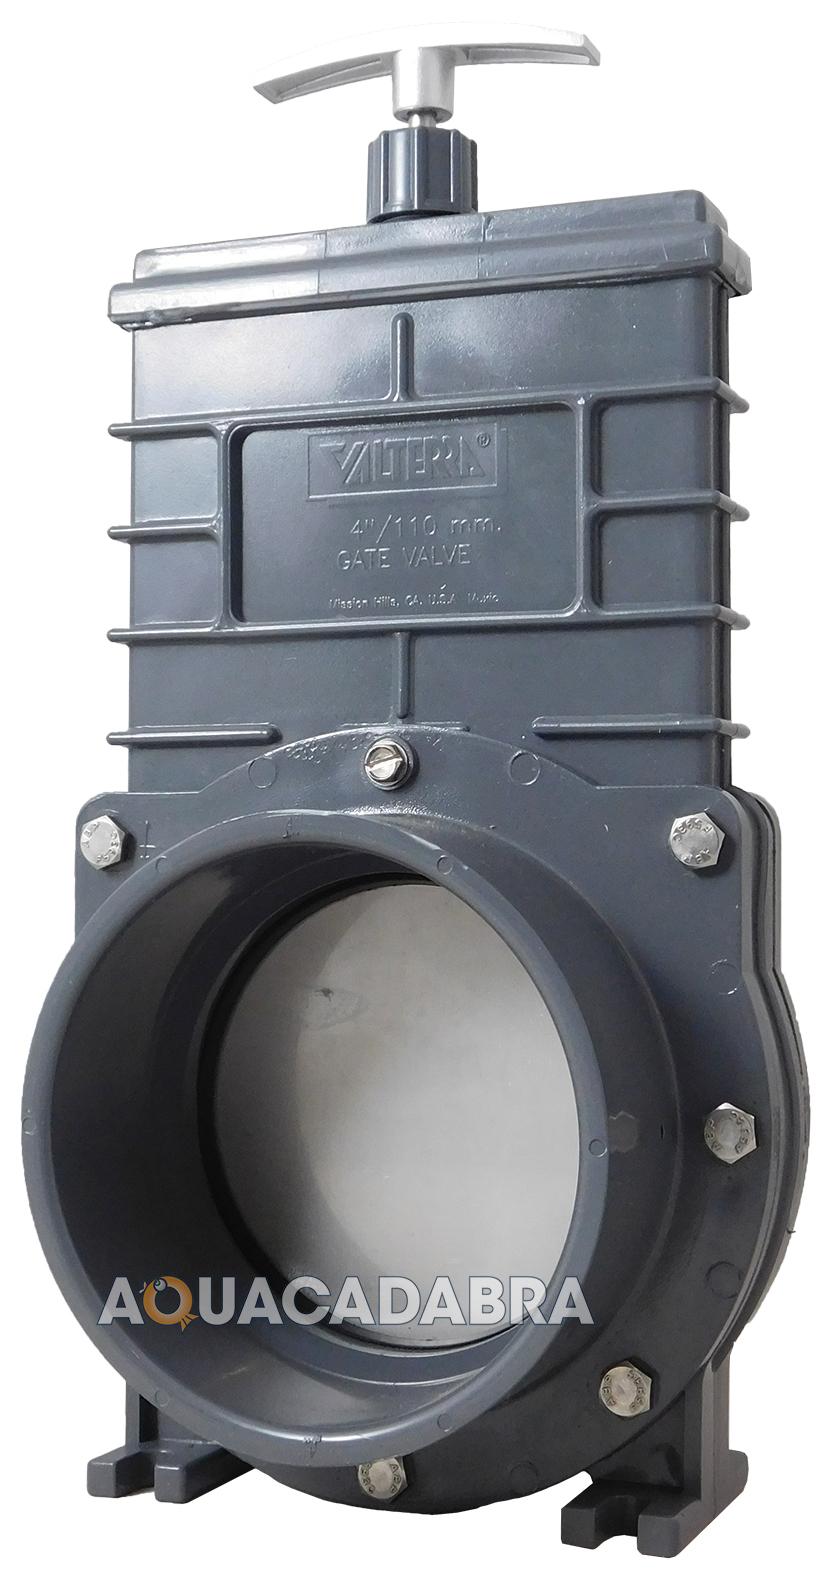 Valterra slide gate 110mm 4 valve genuine pond pool for Koi pond pool filter